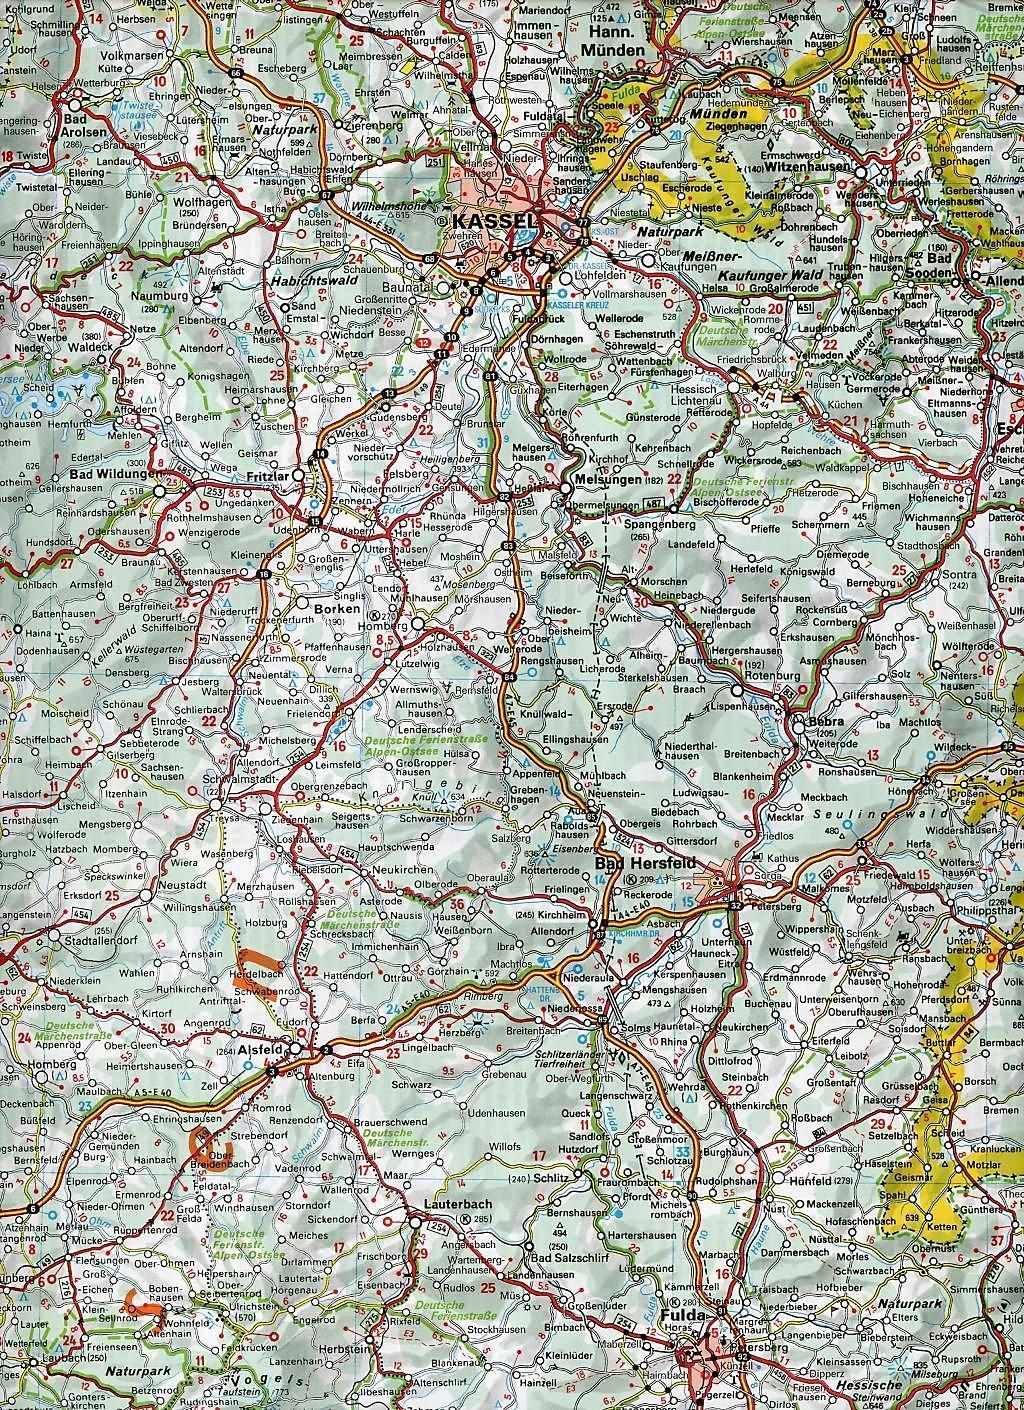 Karte Von Nrw.Michelin Karte Nordrhein Westfalen Hessen Rheinland Pfalz